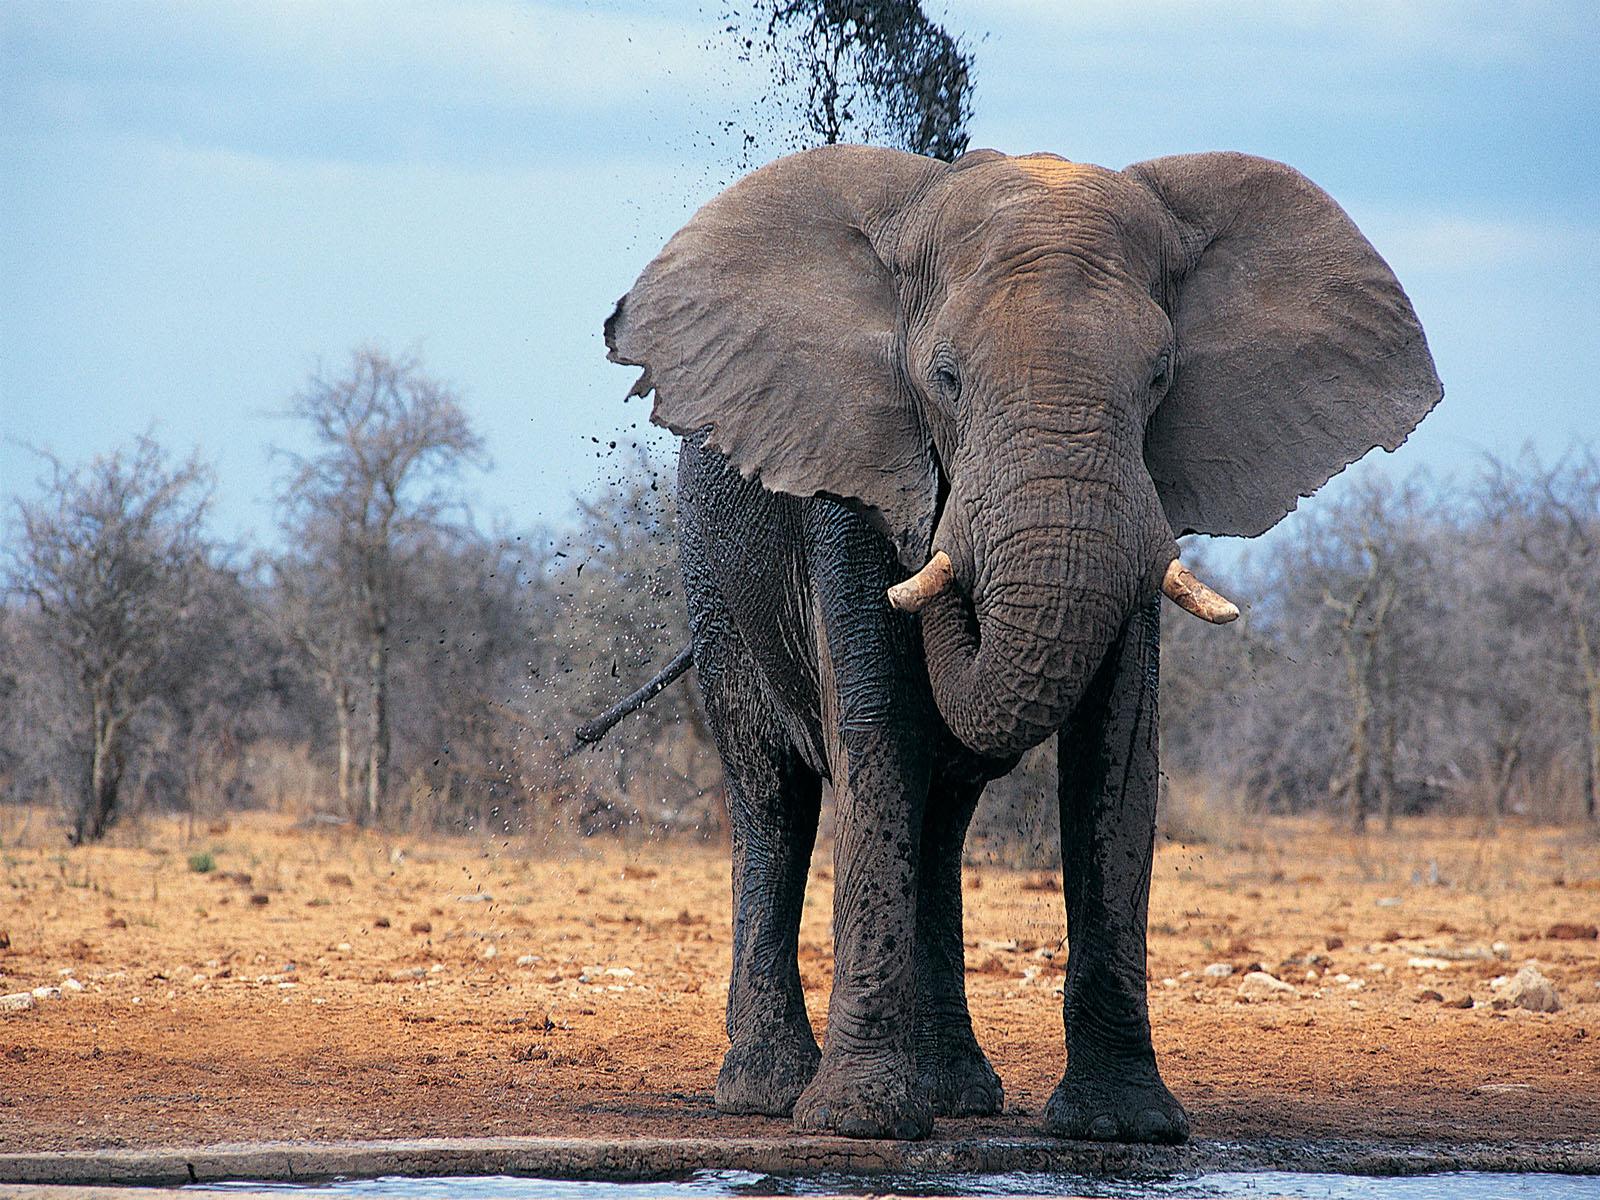 Elephant | NATURE OF THE WORLD